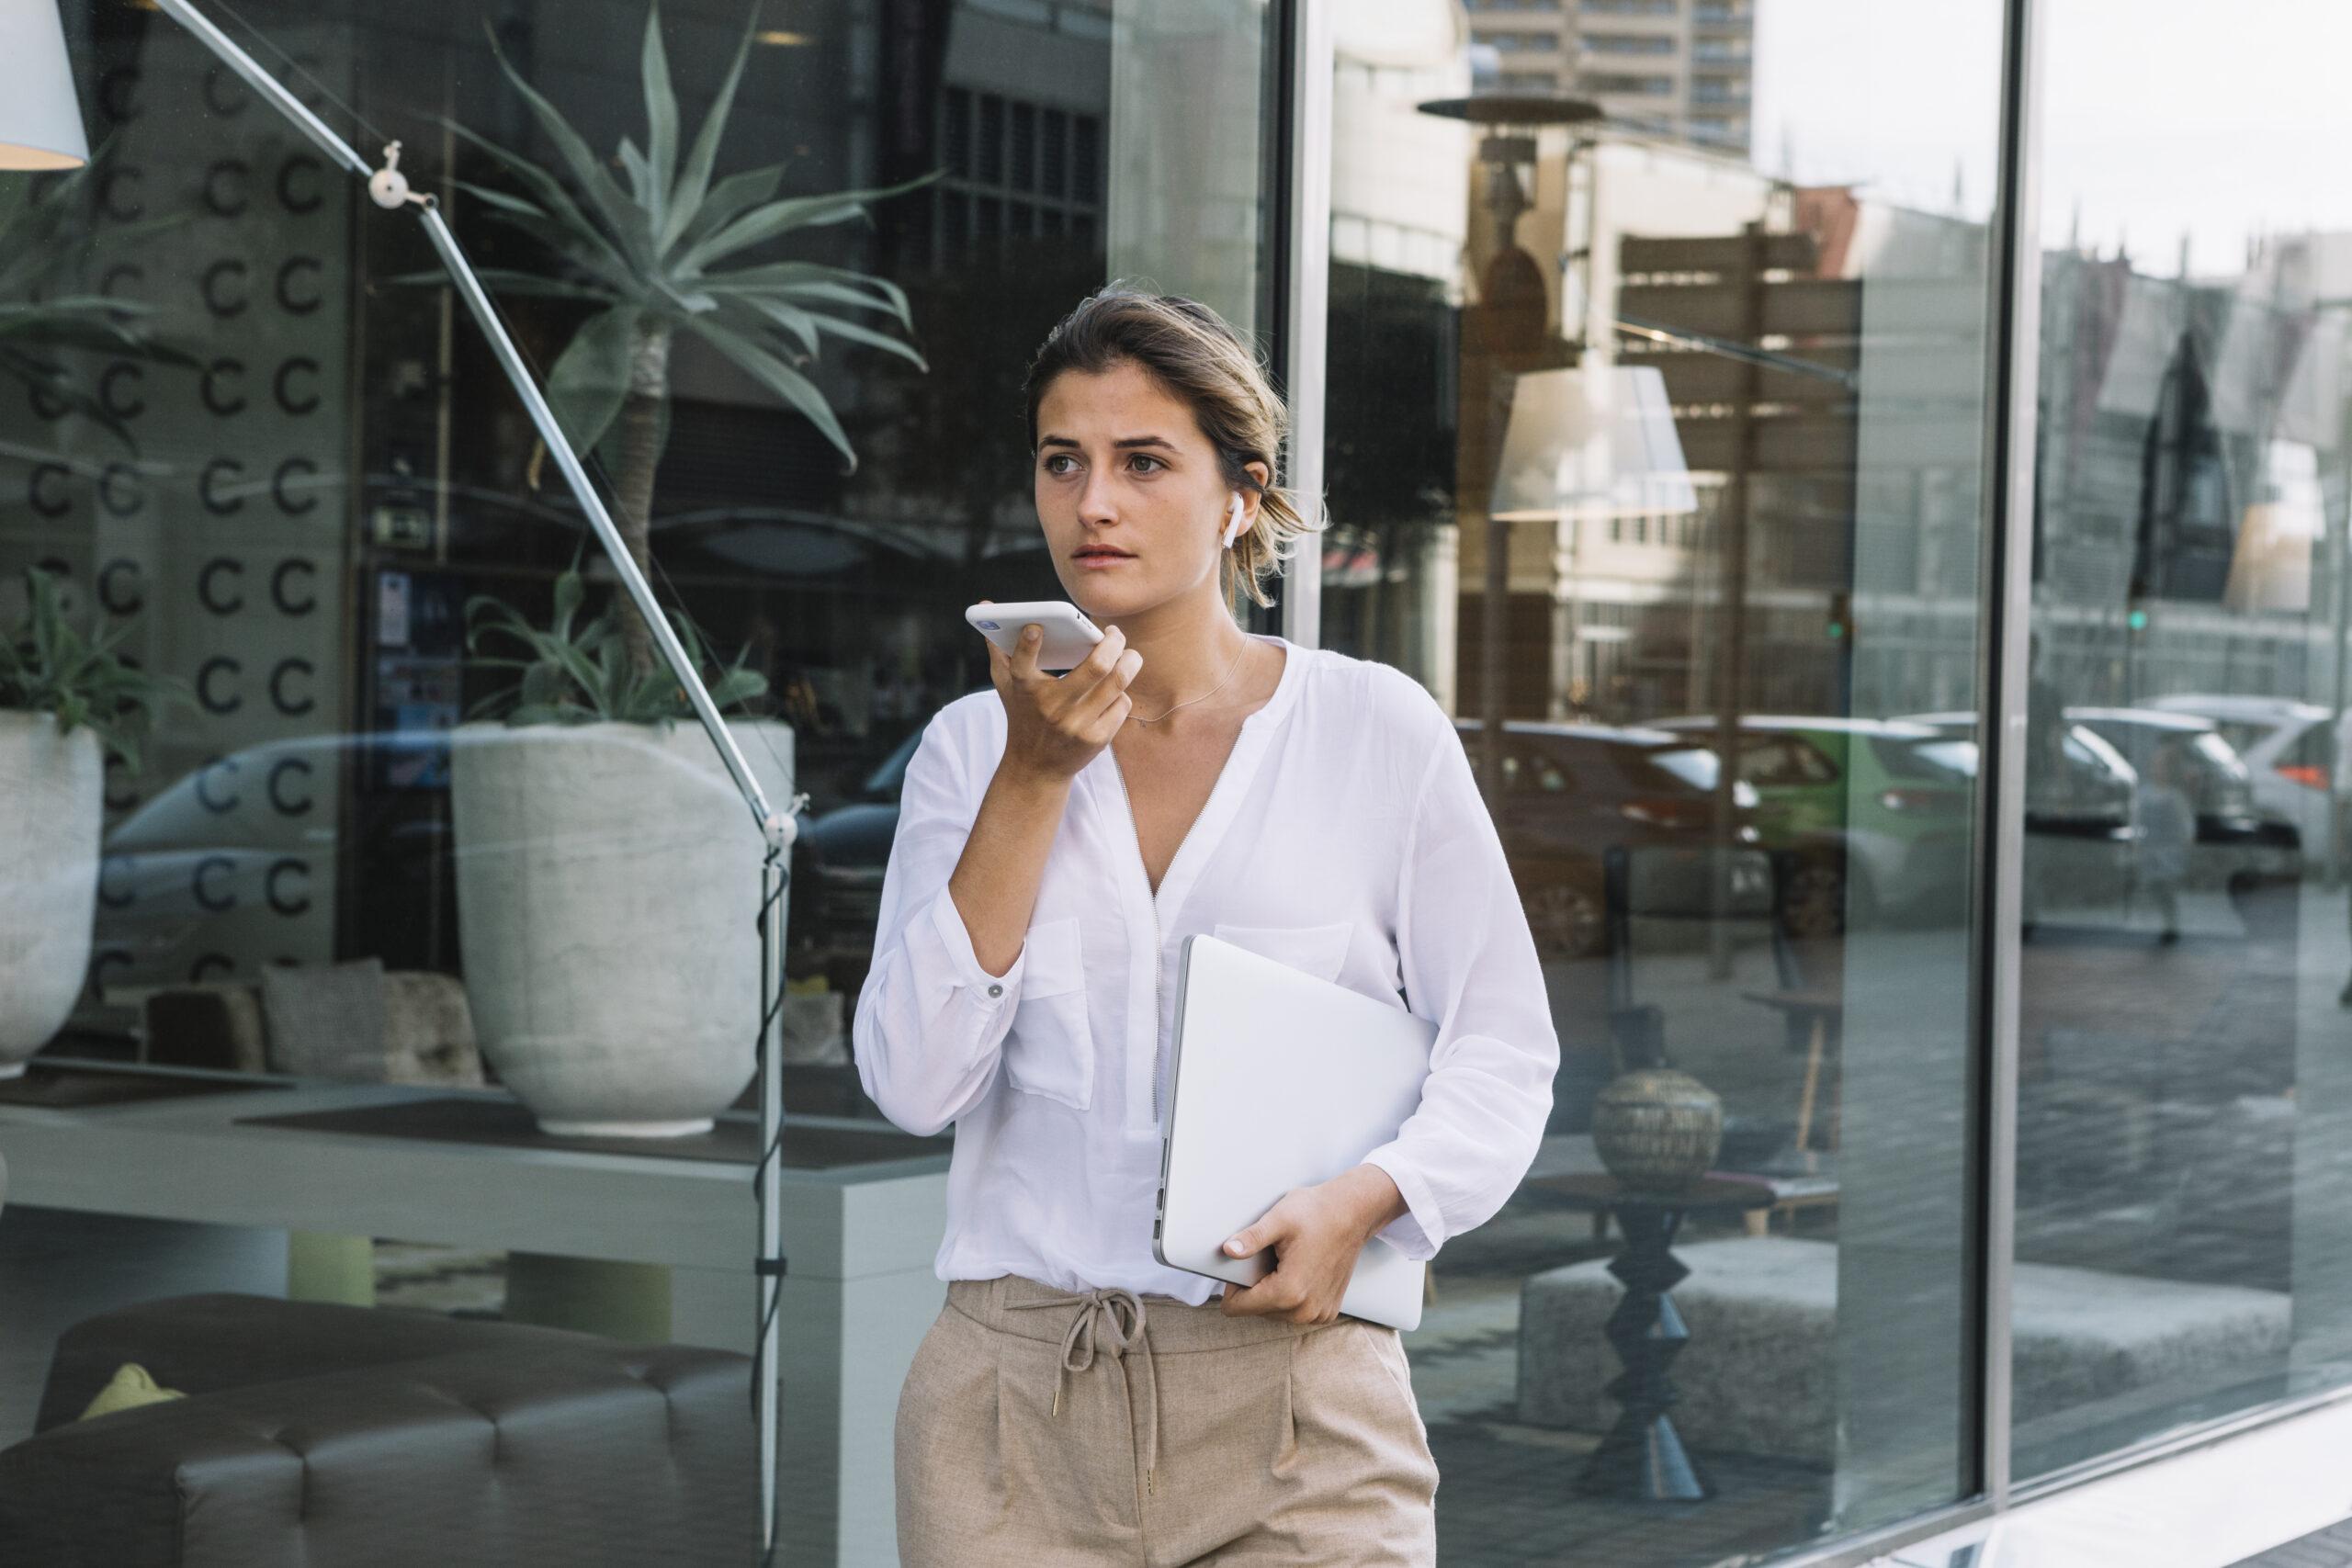 Mulher jovem em frente a edifício usando comando voz